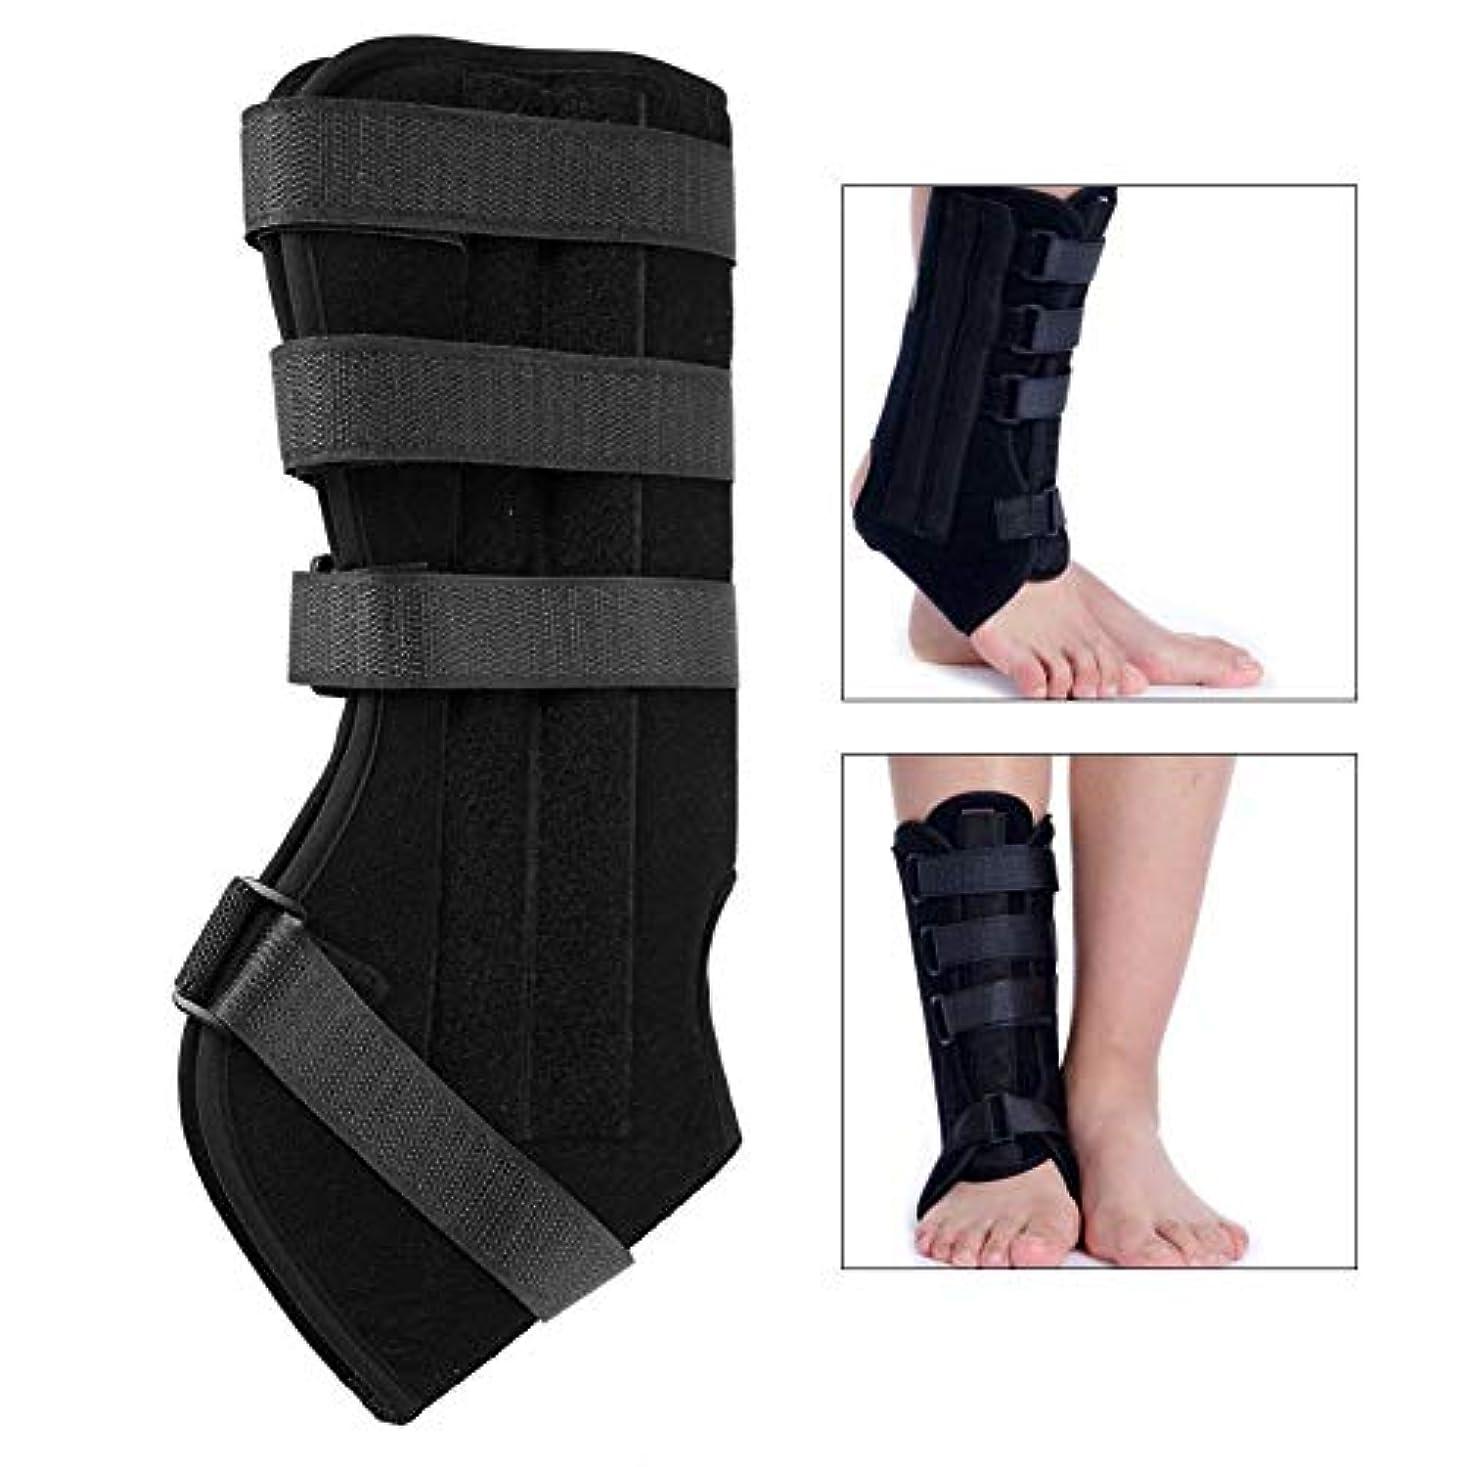 夜明け教うめき足首装具、足首関節外部固定骨折治療修正サポートツールブレースサポート腱矯正手術後,M